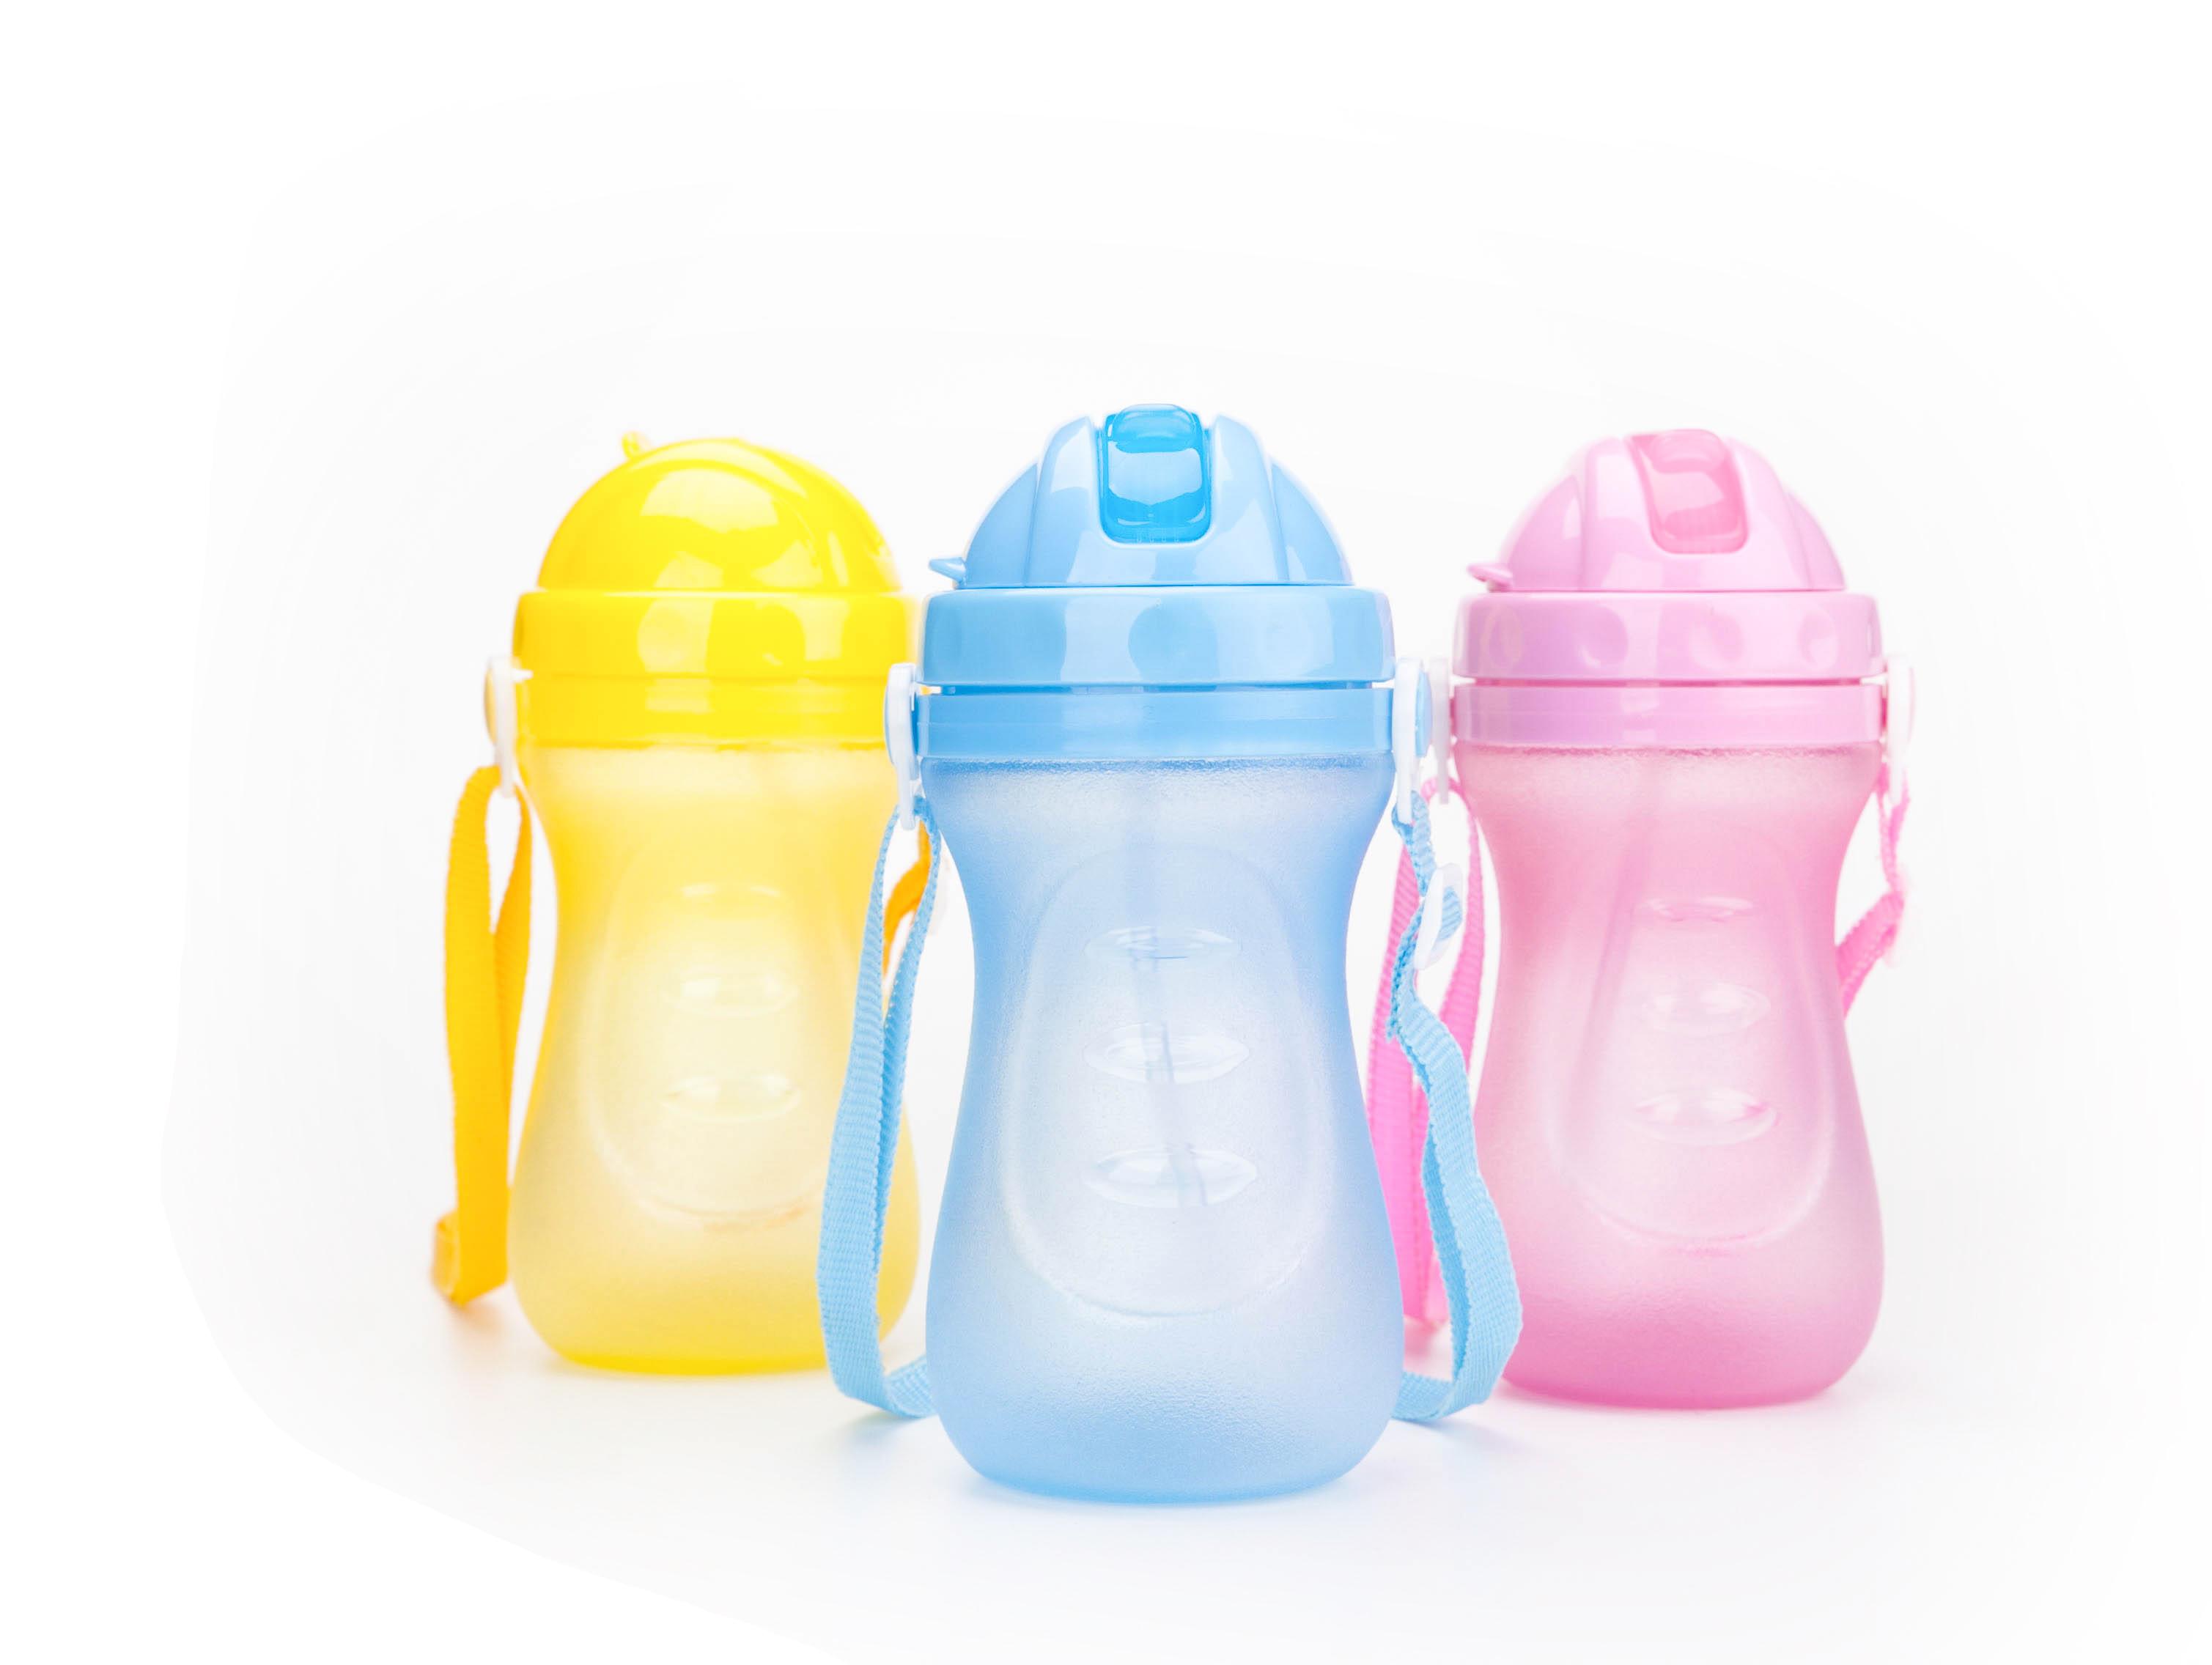 腰型儿童吸水壶,卡通吸管杯婴幼儿防漏饮水杯 宝宝喝水杯学生水杯